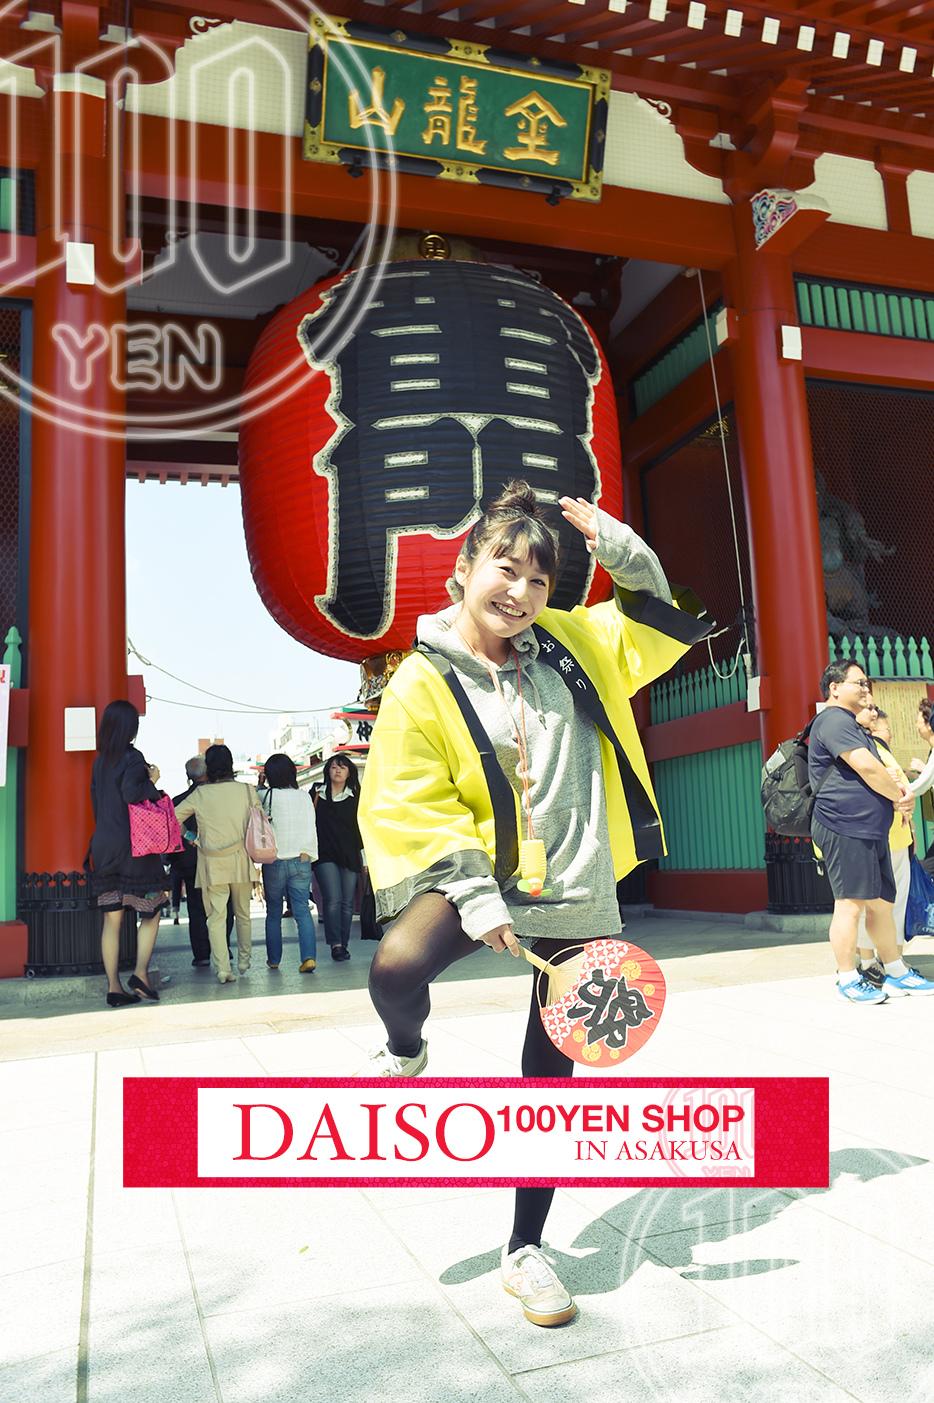 DAISO_in_ASAKUSA.jpg